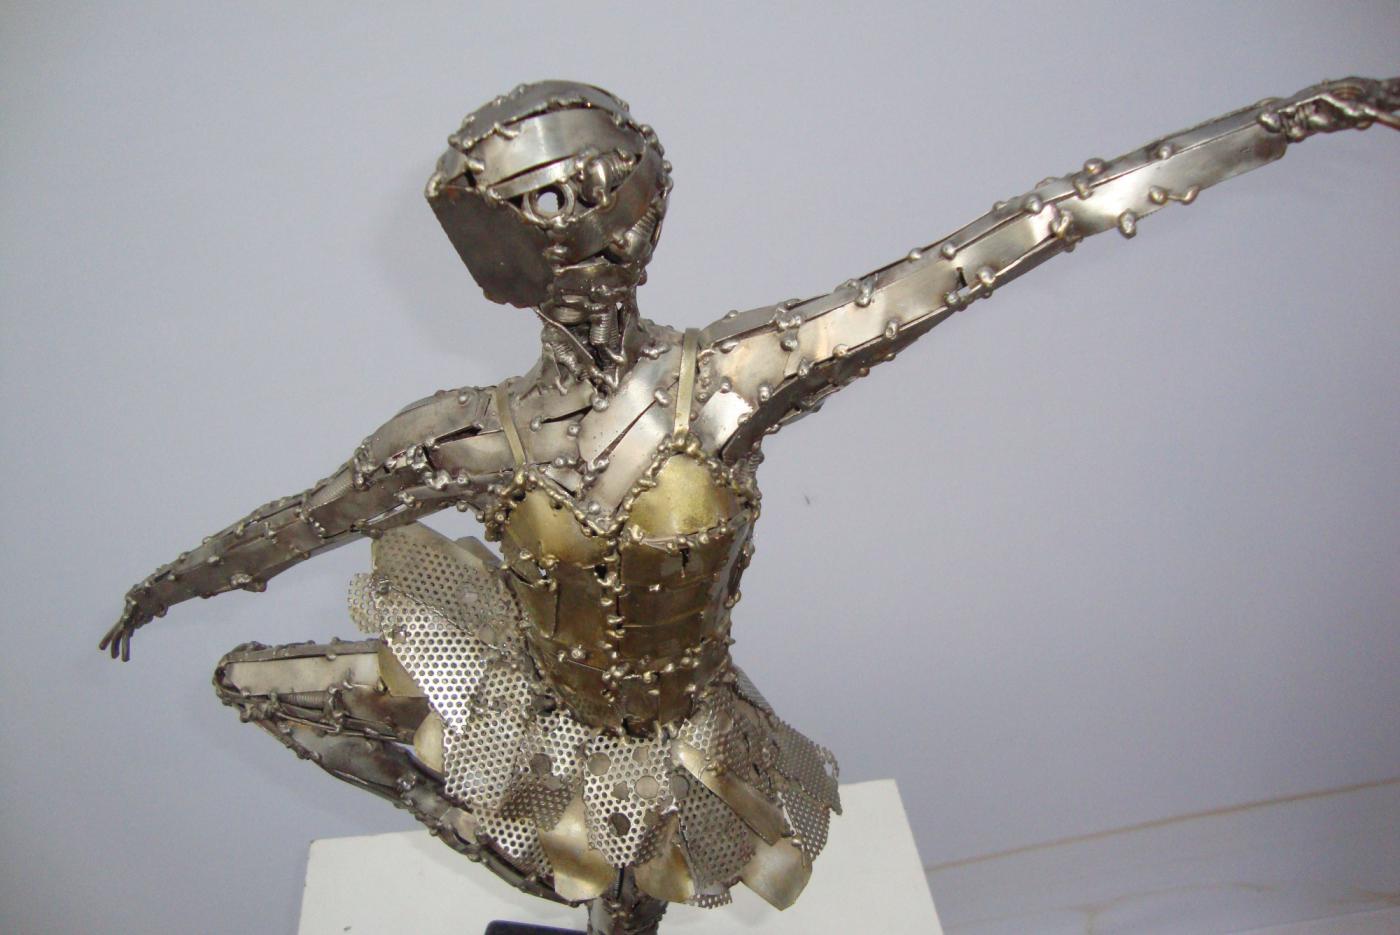 Mini Escultura Bailarina - À VENDA Ze Vasconcellos Metal SculpturesZe Vasconcellos Metal Sculptures - Metal Sculptures - Campinas - São Paulo - Brasil Esculturas em Metal, Metal Sculptures, Cavalo Metal, Horse Metal, Art Metal, Ze Vasconcellos Metal Sculptures